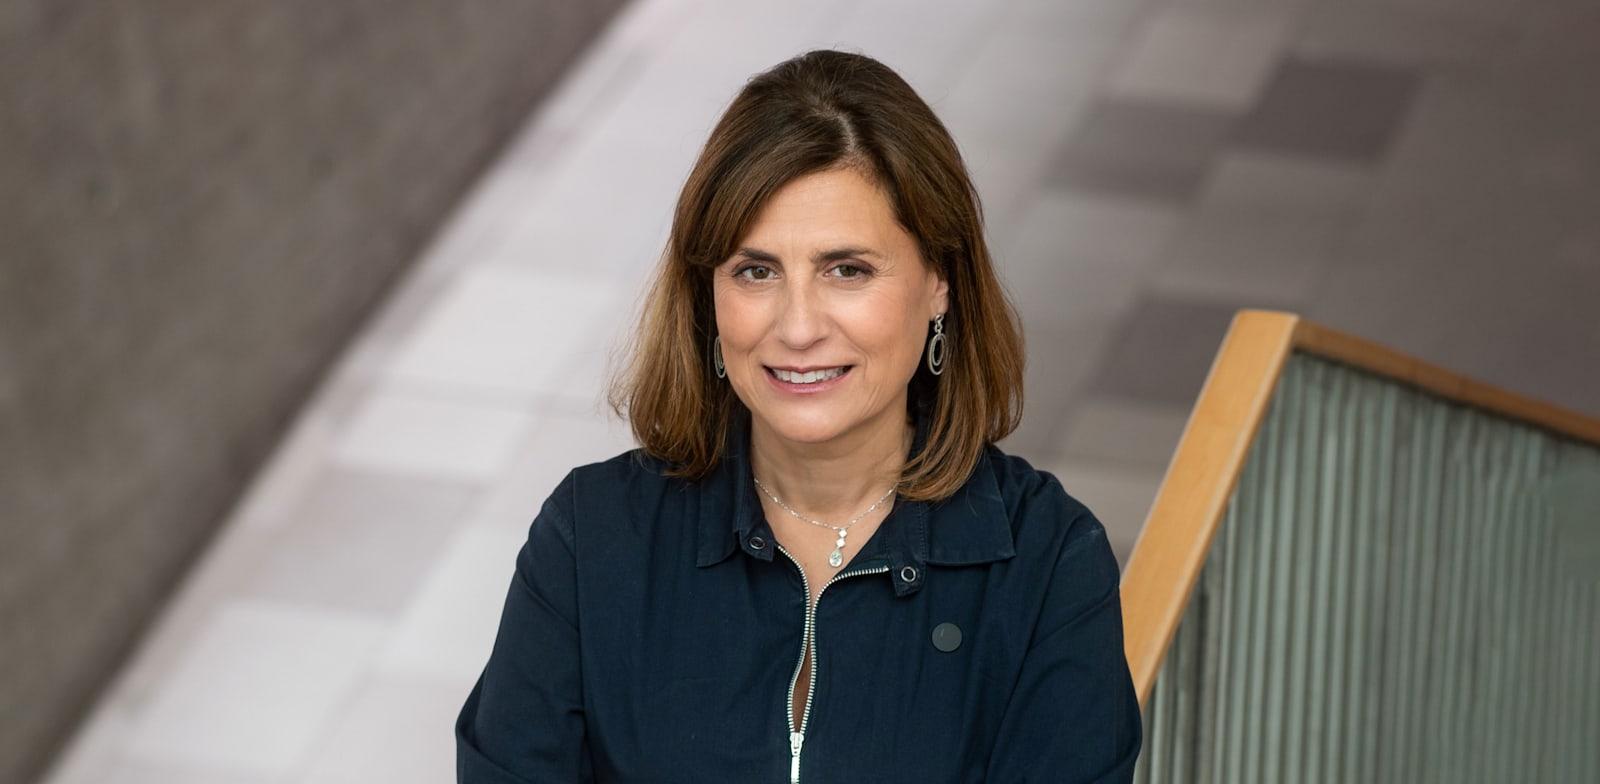 טניה כהן עוזיאלי, מנכ''לית מוזיאון תל אביב לאמנות / צילום: גבריאל בהרליה